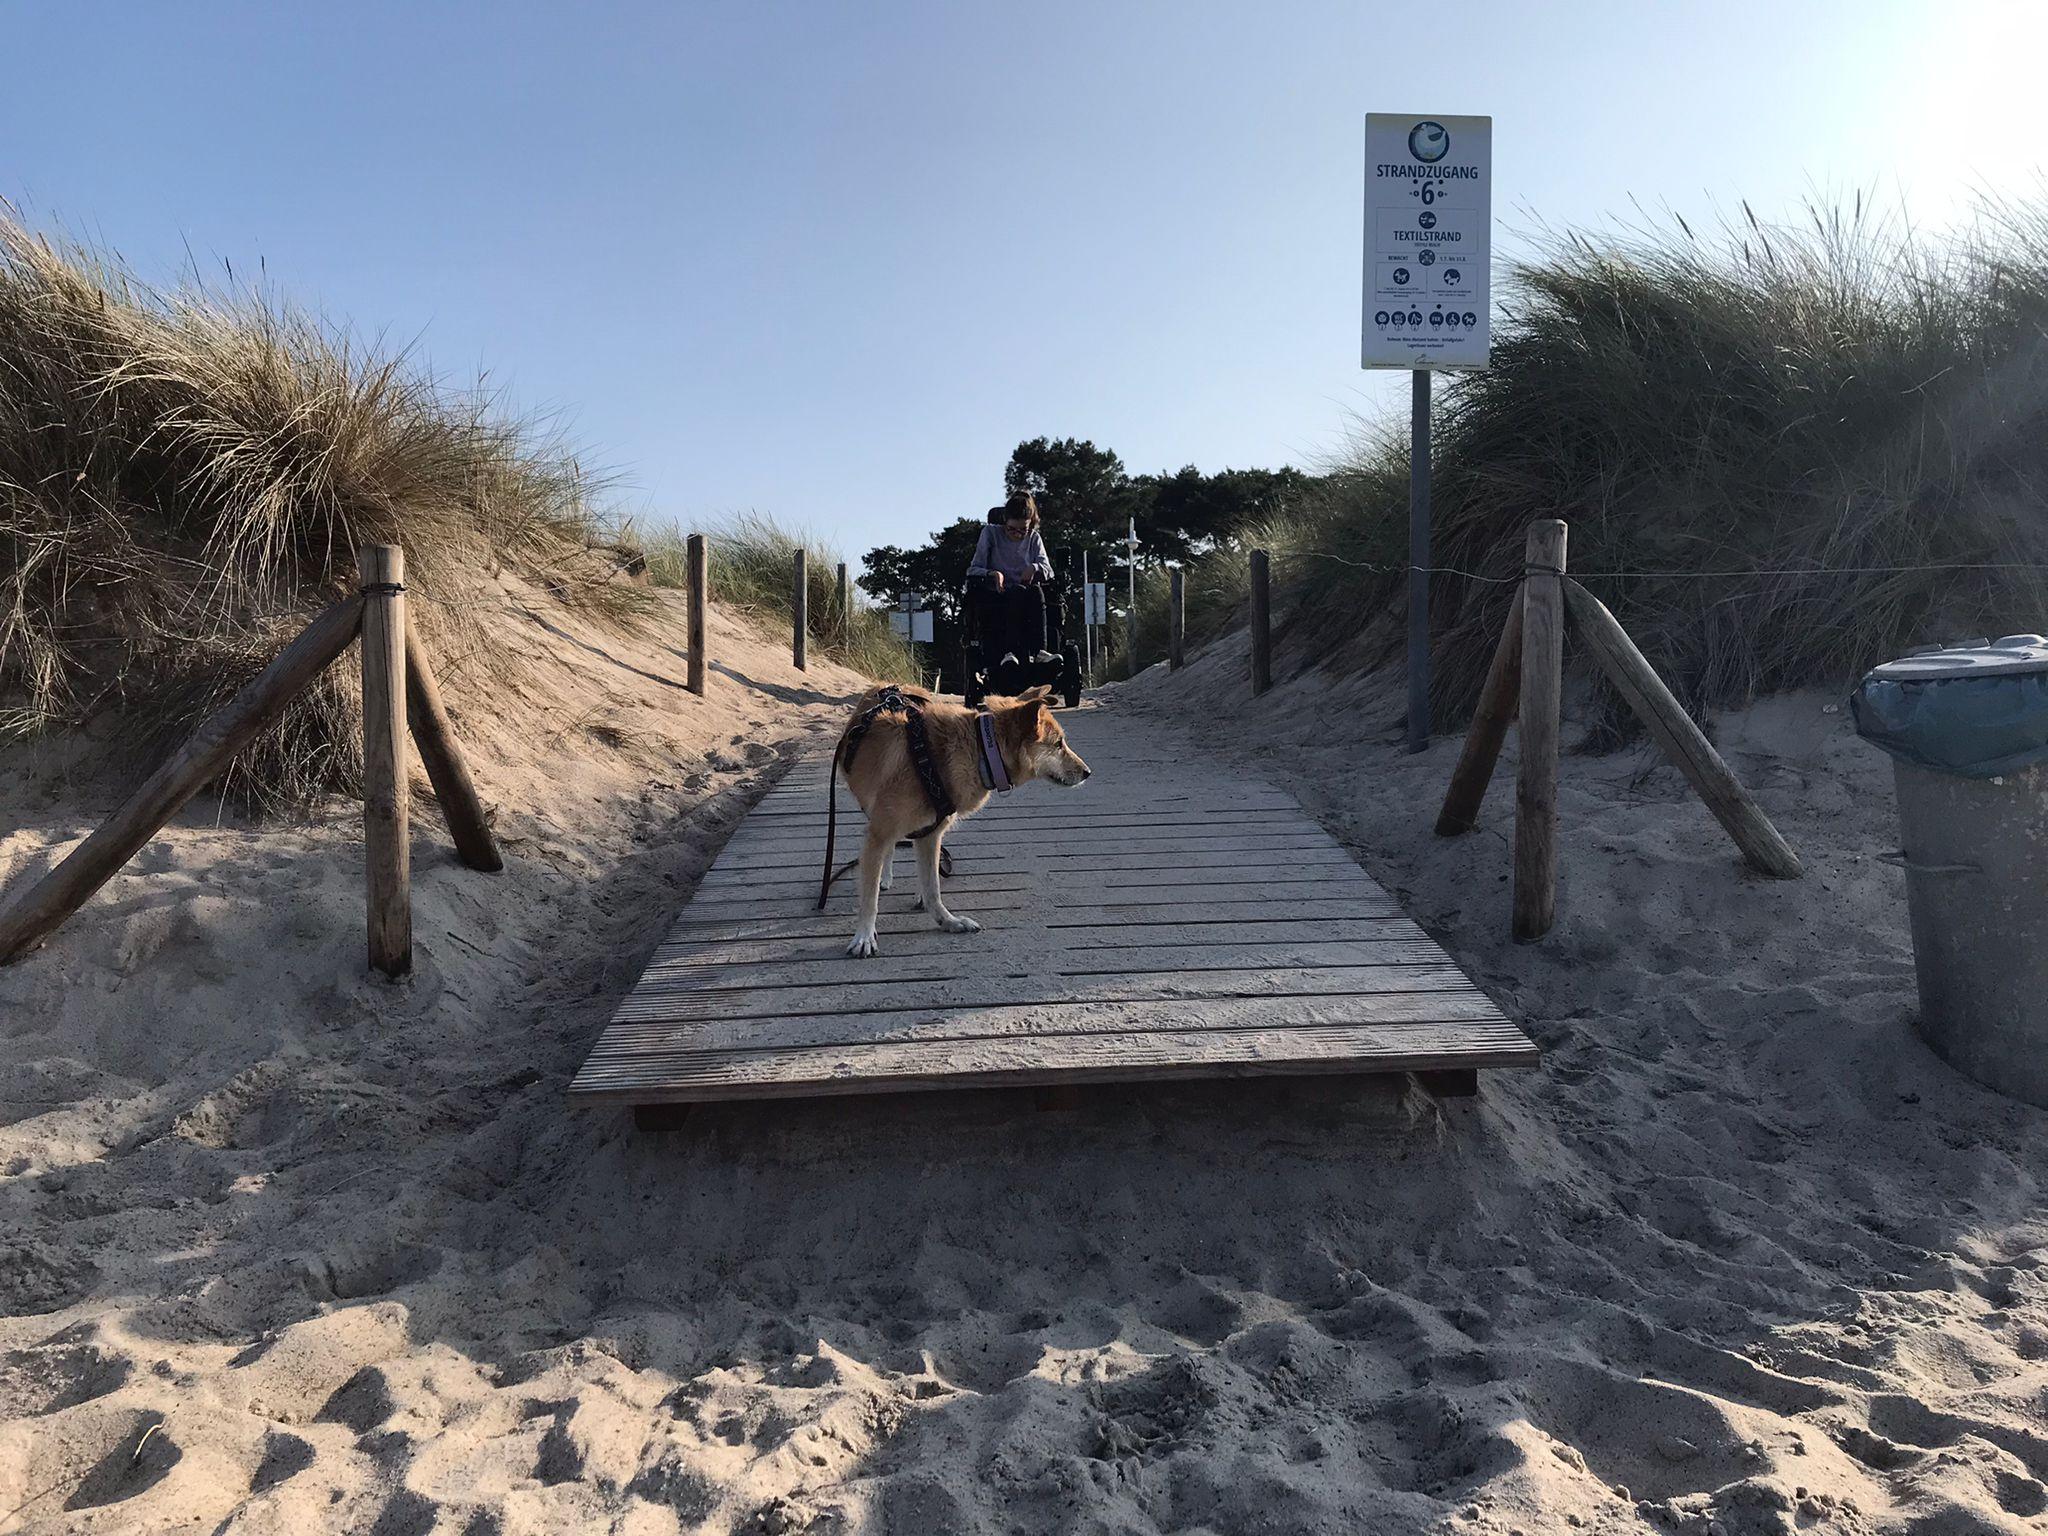 Strandkulisse. Ein Hund steht auf einem Holzsteg ganz vorne. Ein paar Zentimeter weiter vorne ist ein Absatz zu erkennen, über den ein Rollstuhl fallen würde, wenn er dort weiterfahren würde. Weiter hinten, wo das Foto von den Lichtverhältnissen sehr dunkel wird, steht Laura im Elektrorollstuhl.